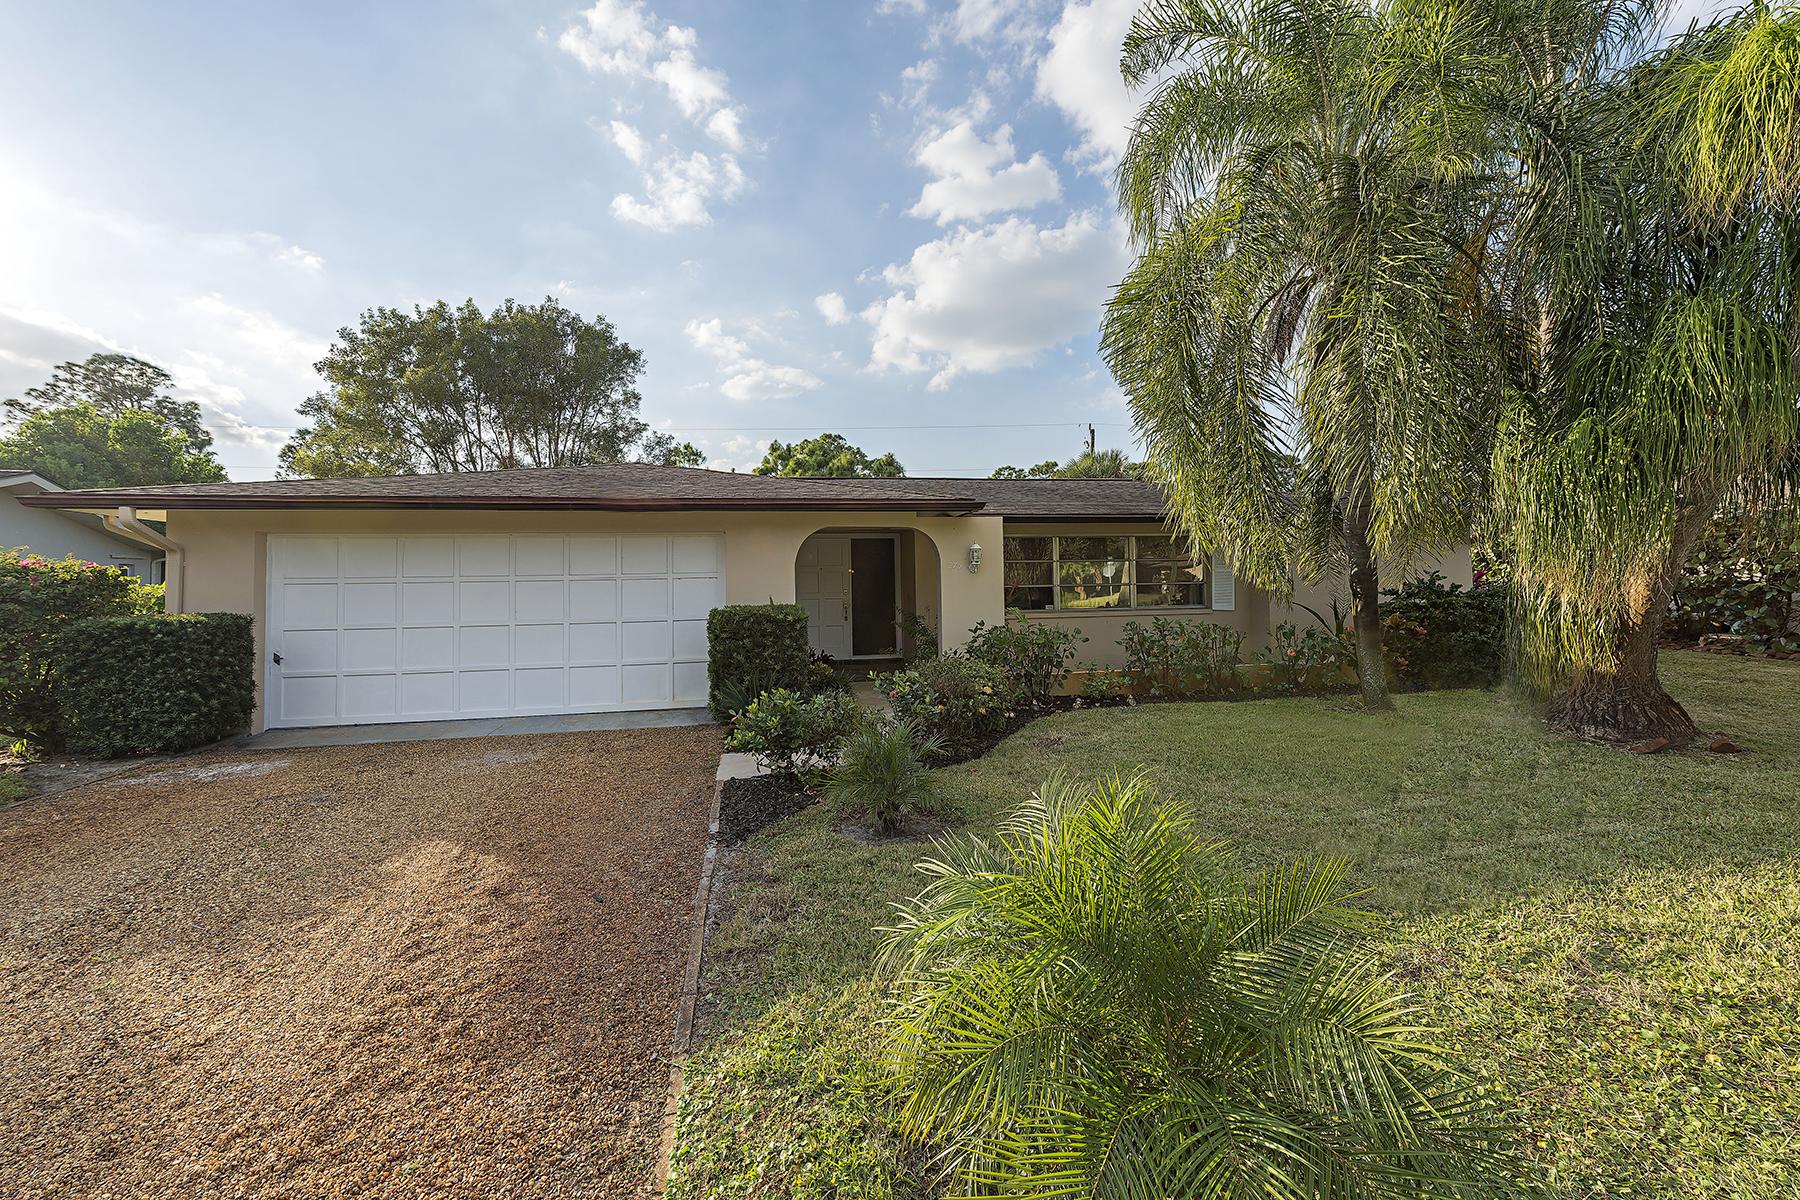 一戸建て のために 売買 アット PALM RIVER 275 Cypress Way W Naples, フロリダ, 34110 アメリカ合衆国